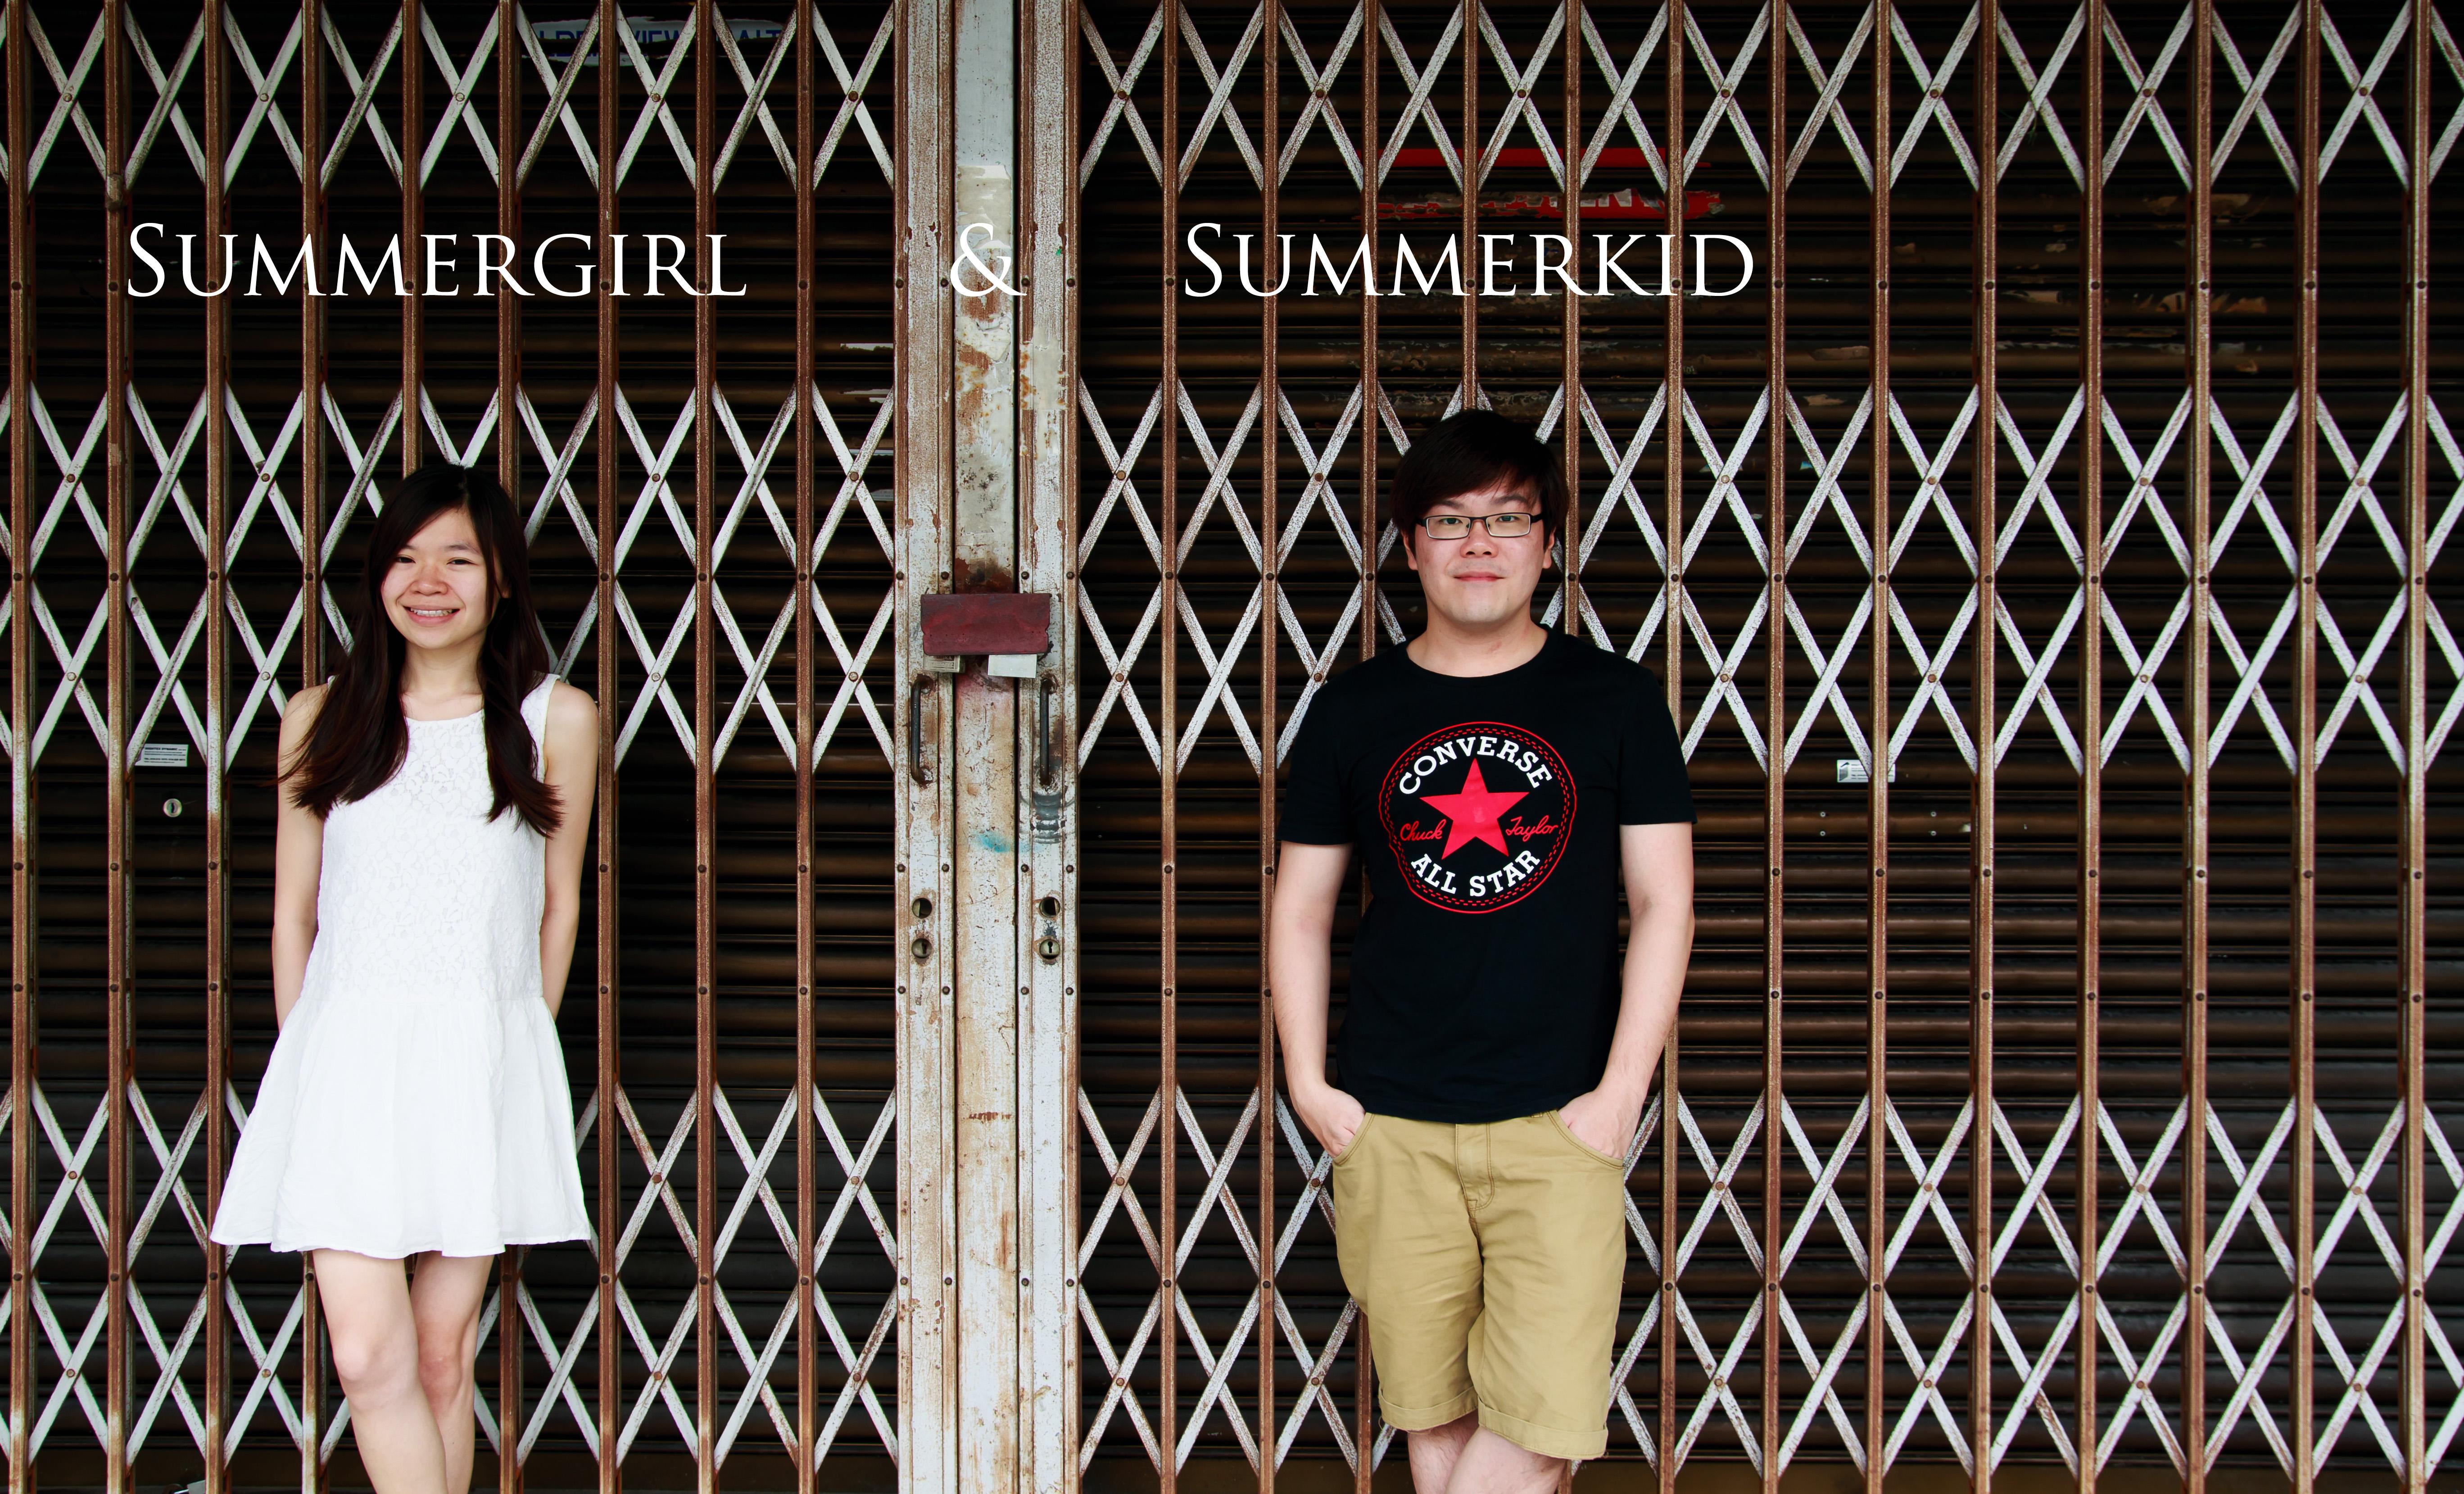 summerkid_summergirl